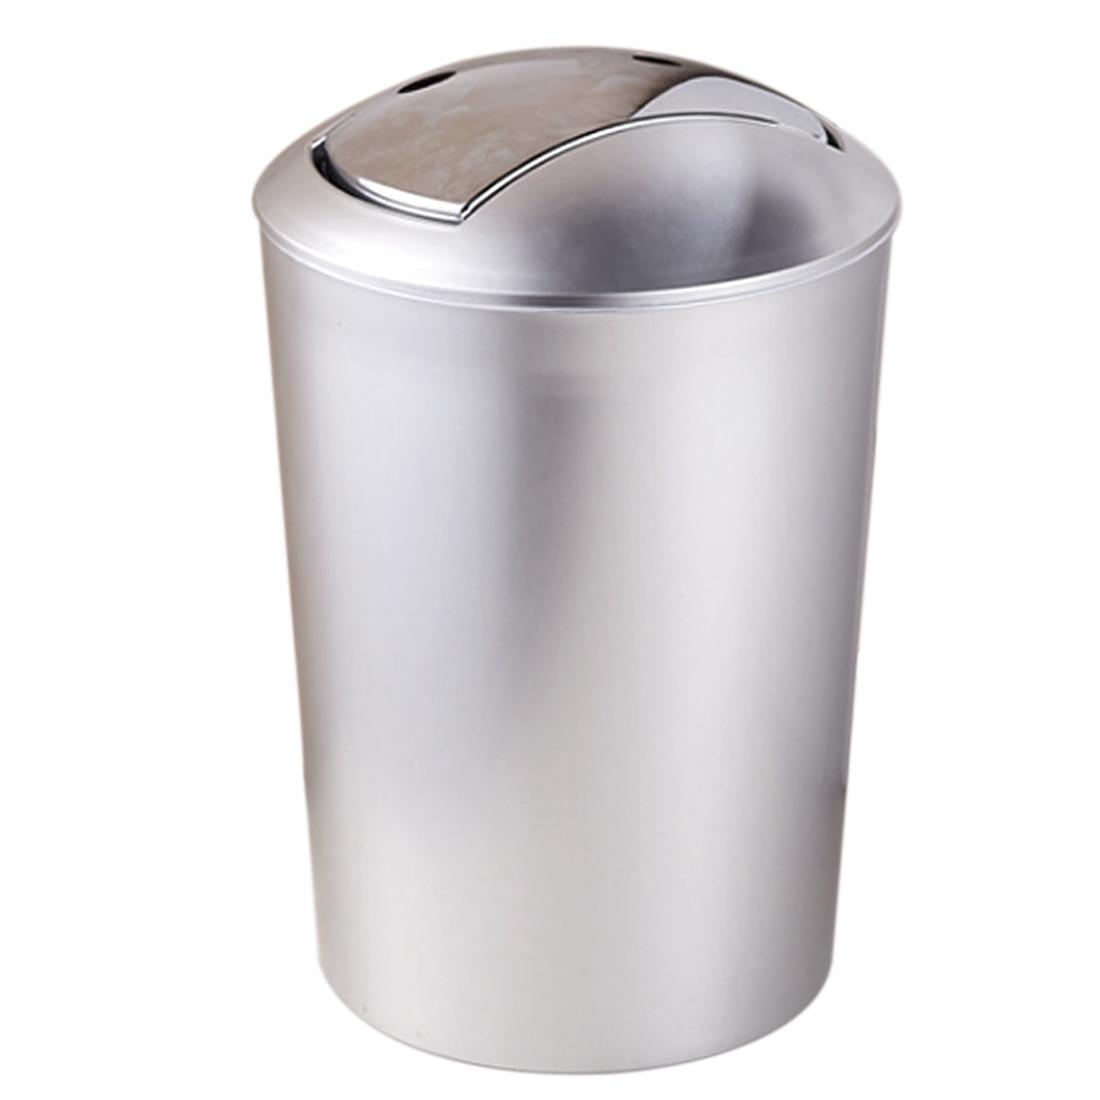 HIPSTEEN 6.5L Verdicken bad müll Europäischen Stil Papierkorb Mülleimer Mit Deckel Küche Mülleimer Lagerung Werkzeuge müll Abfall Bin